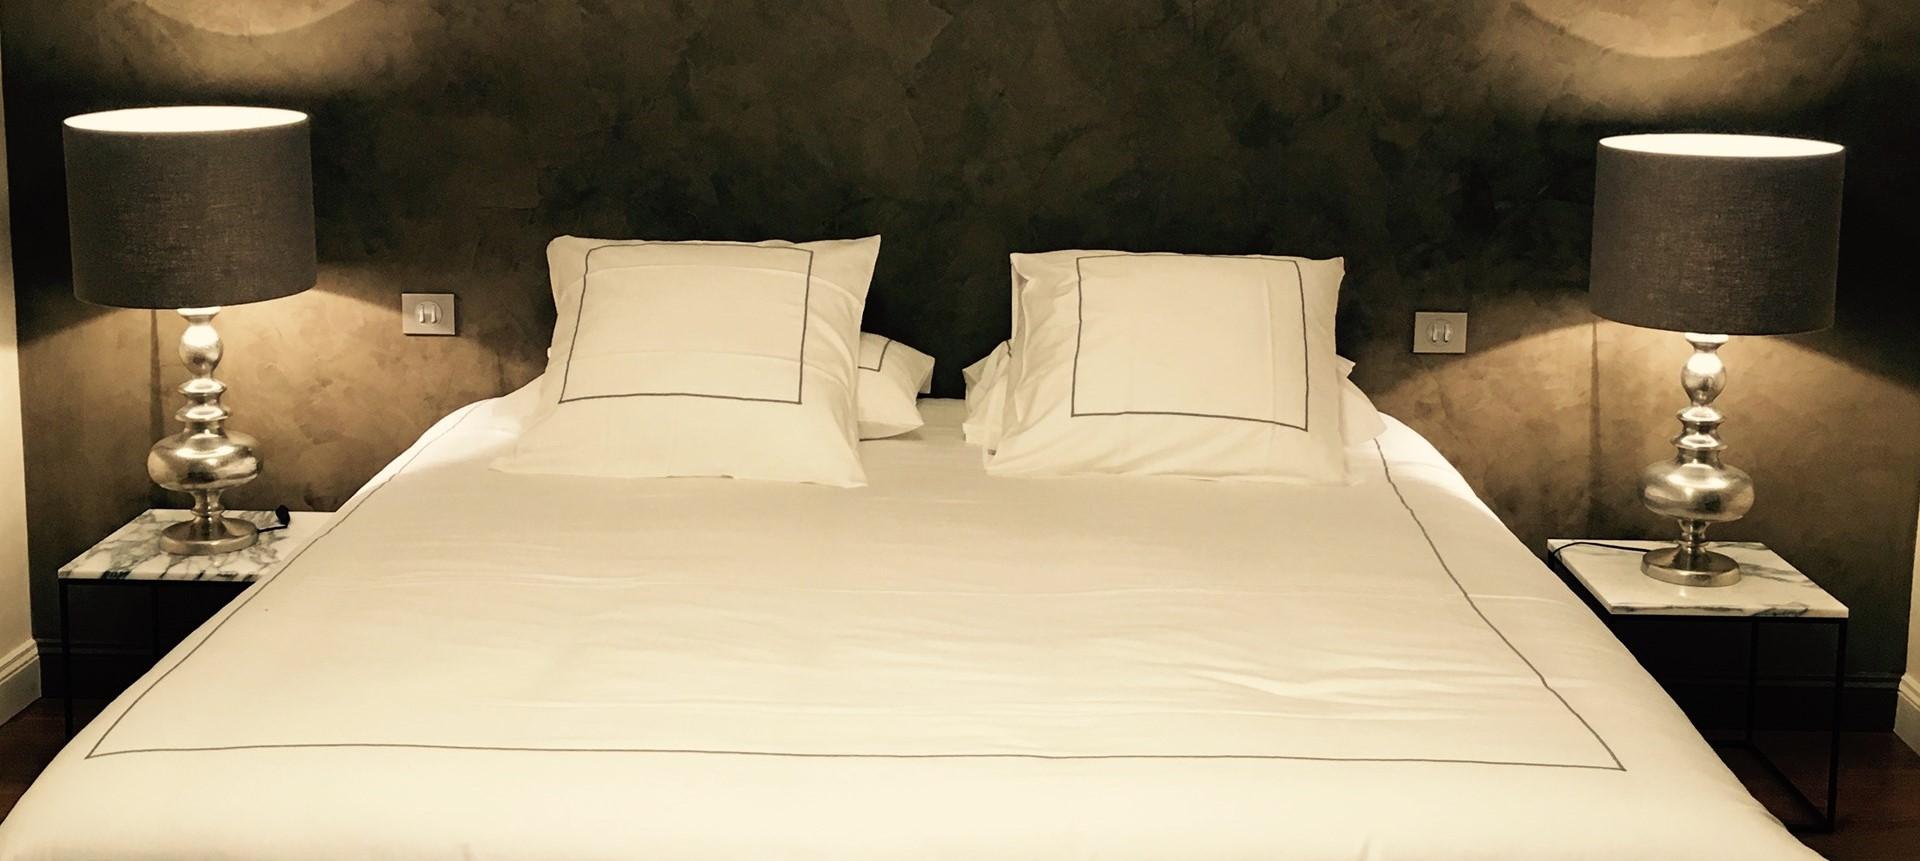 luxury-accommodation-le-village-dordogne